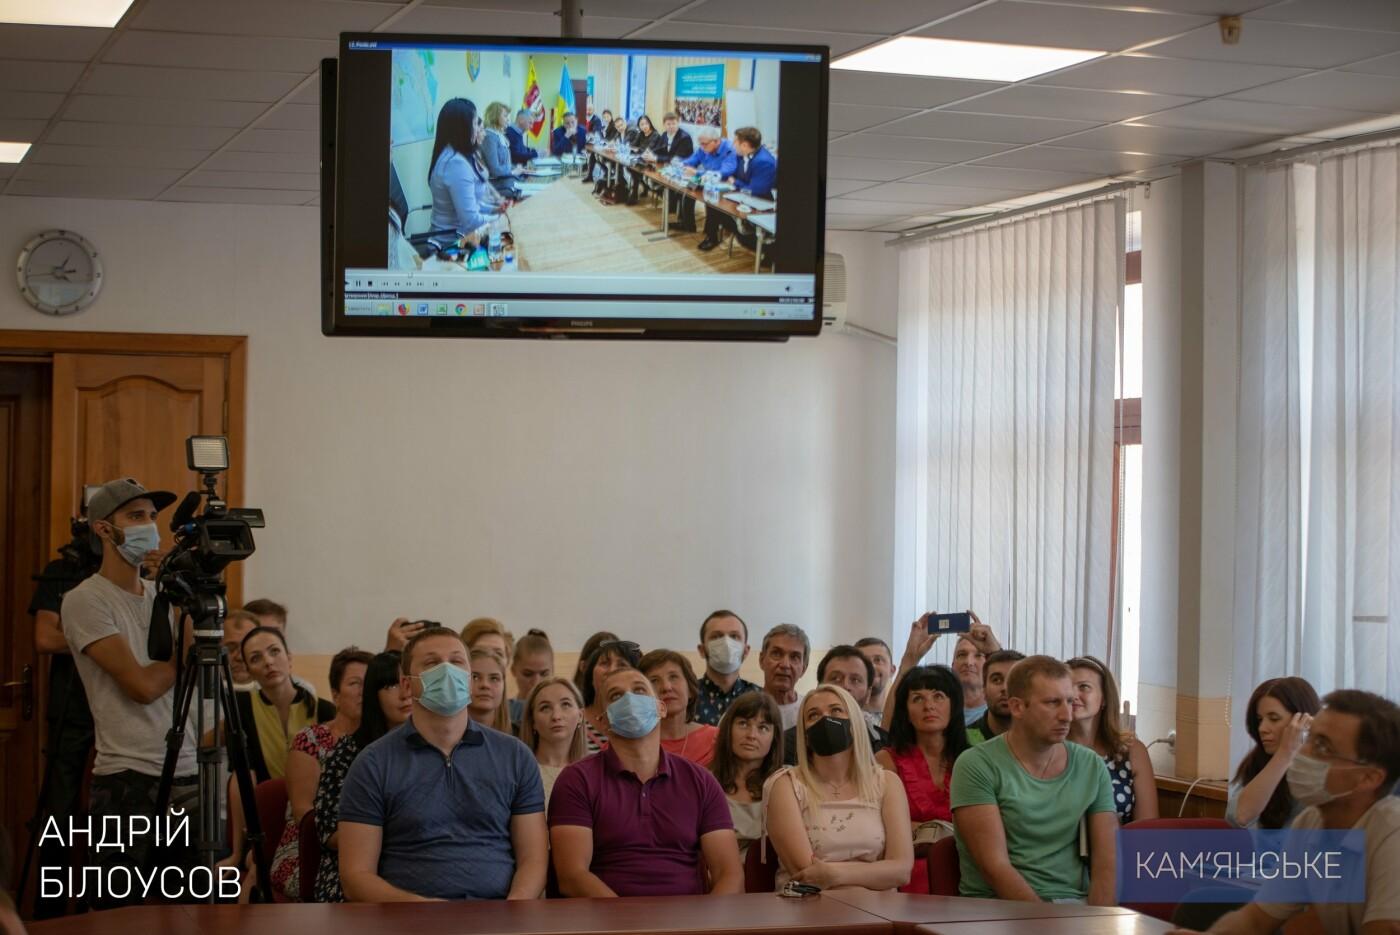 В Каменском наградили победителей «Бюджета участия», фото-3